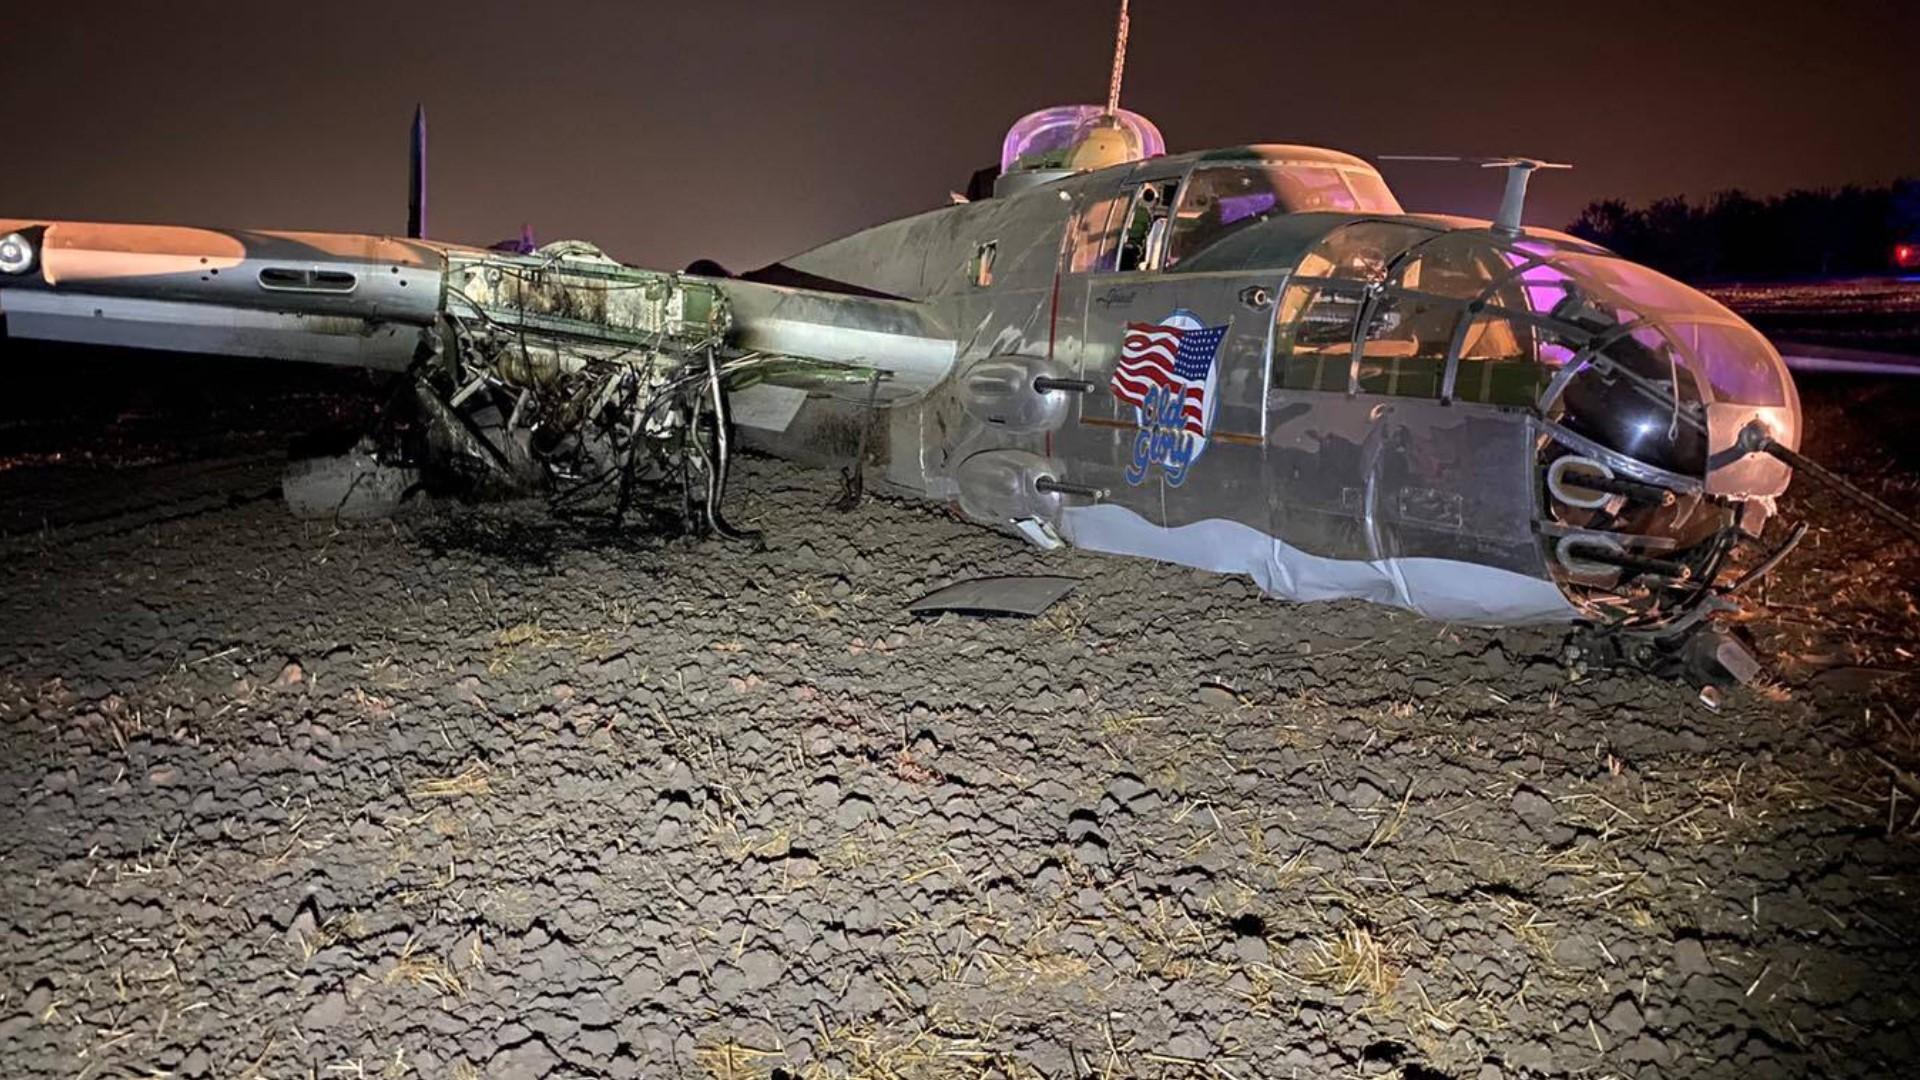 美国一架B-25轰炸机坠毁:栽进泥地2人受伤 第1张